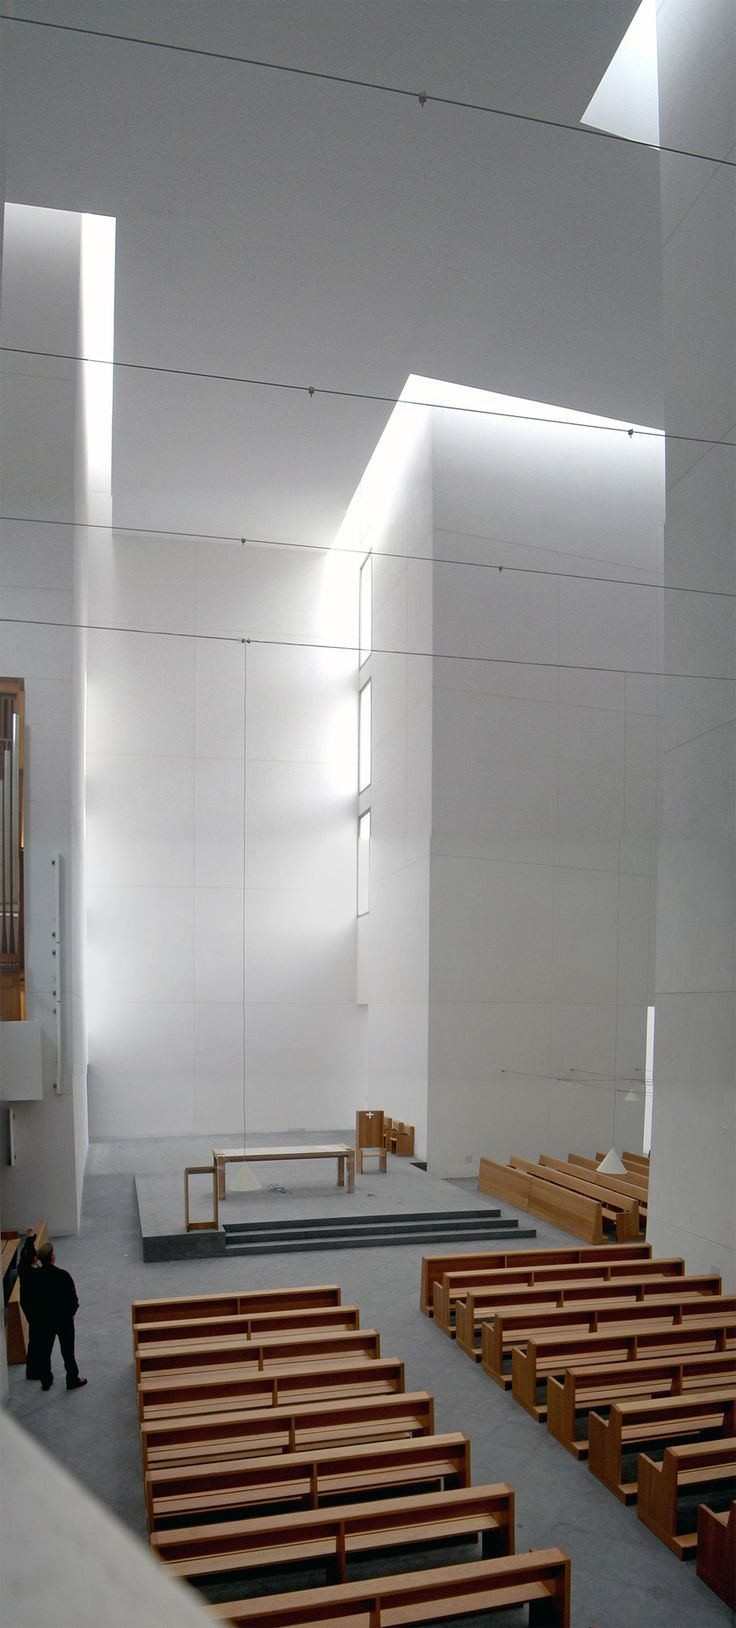 Interior in San Sebastián, Spain; designed by Iglesia de Iesu Rafael Moneo.